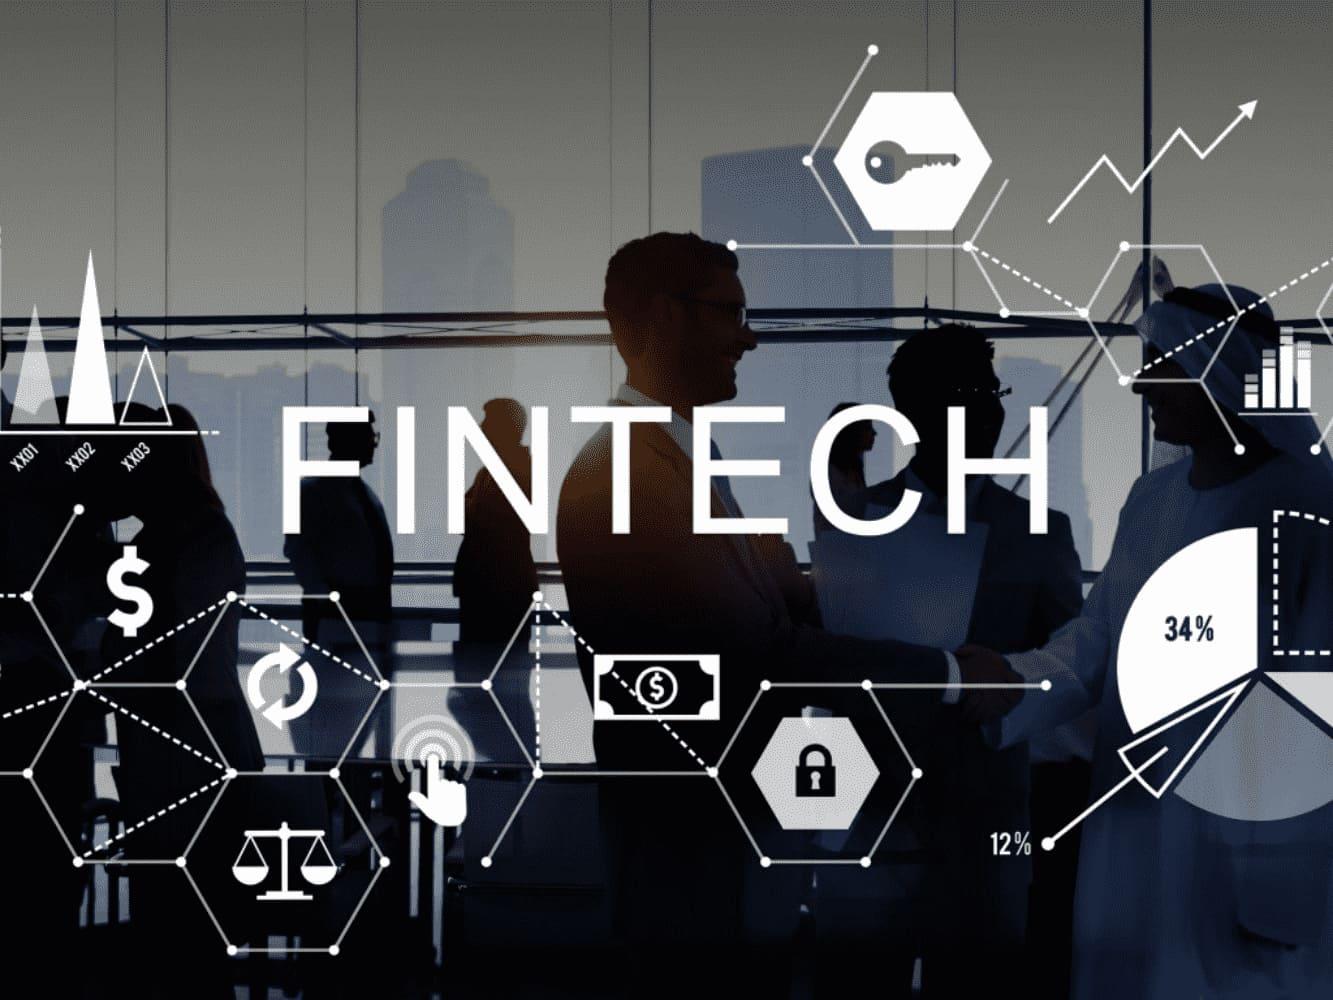 Обзор финансовой компании Fintech